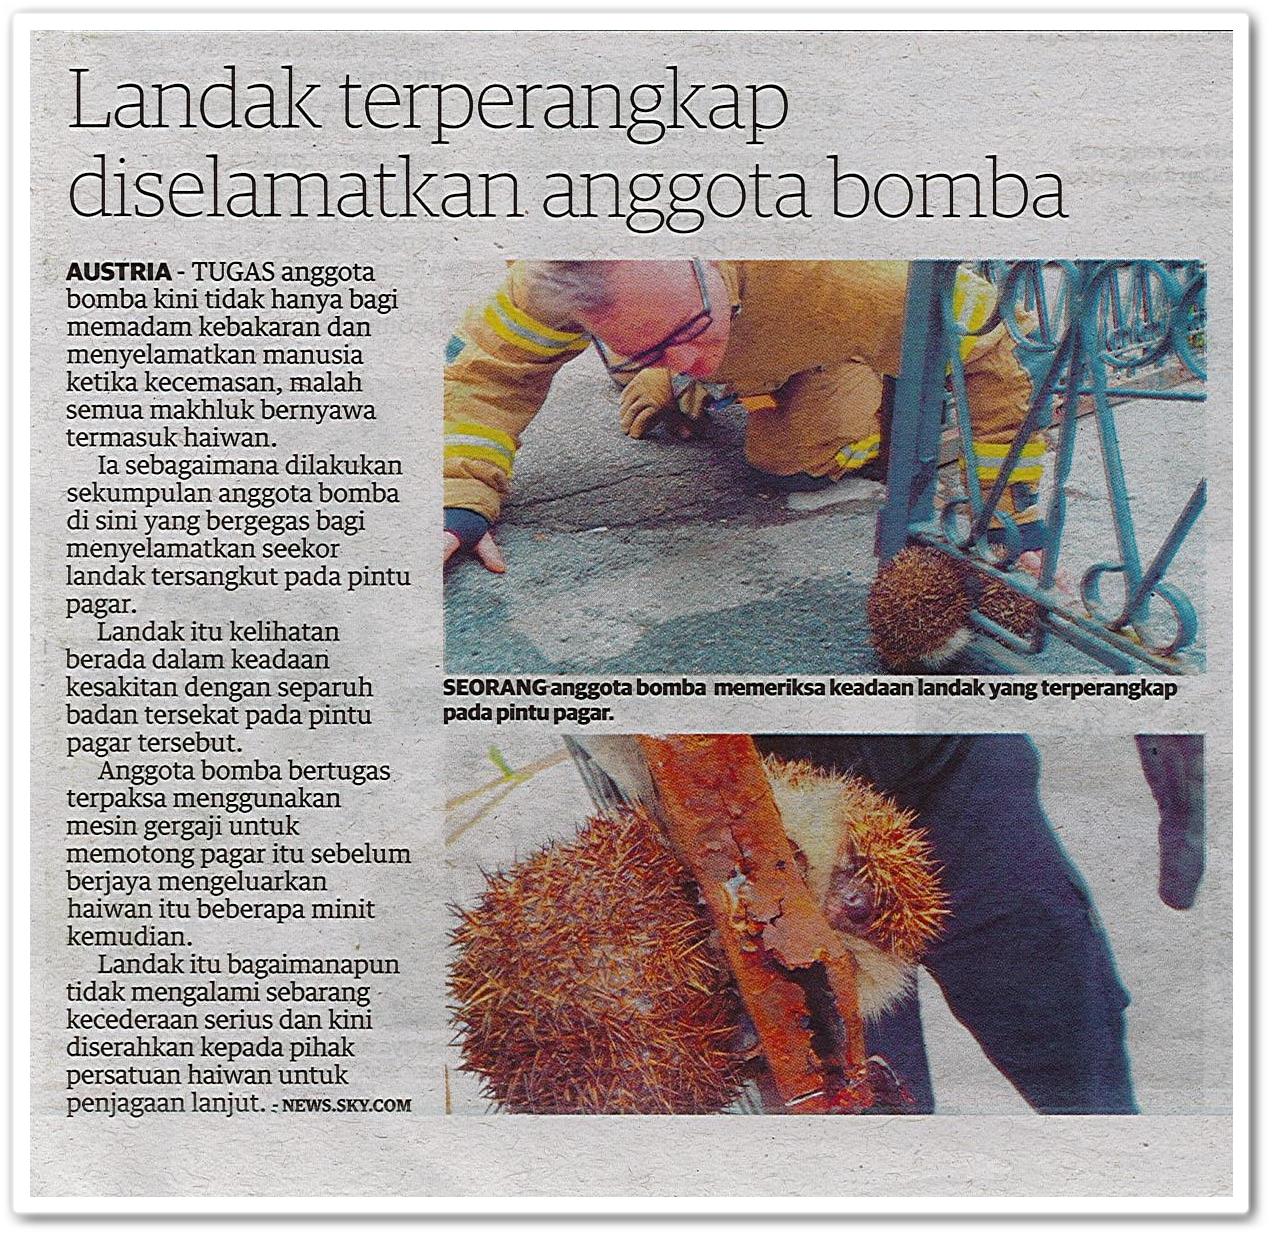 Landak terperangkap diselamatkan anggota bomba - Keratan akhbar Utusan Malaysia 25 Mei 2019